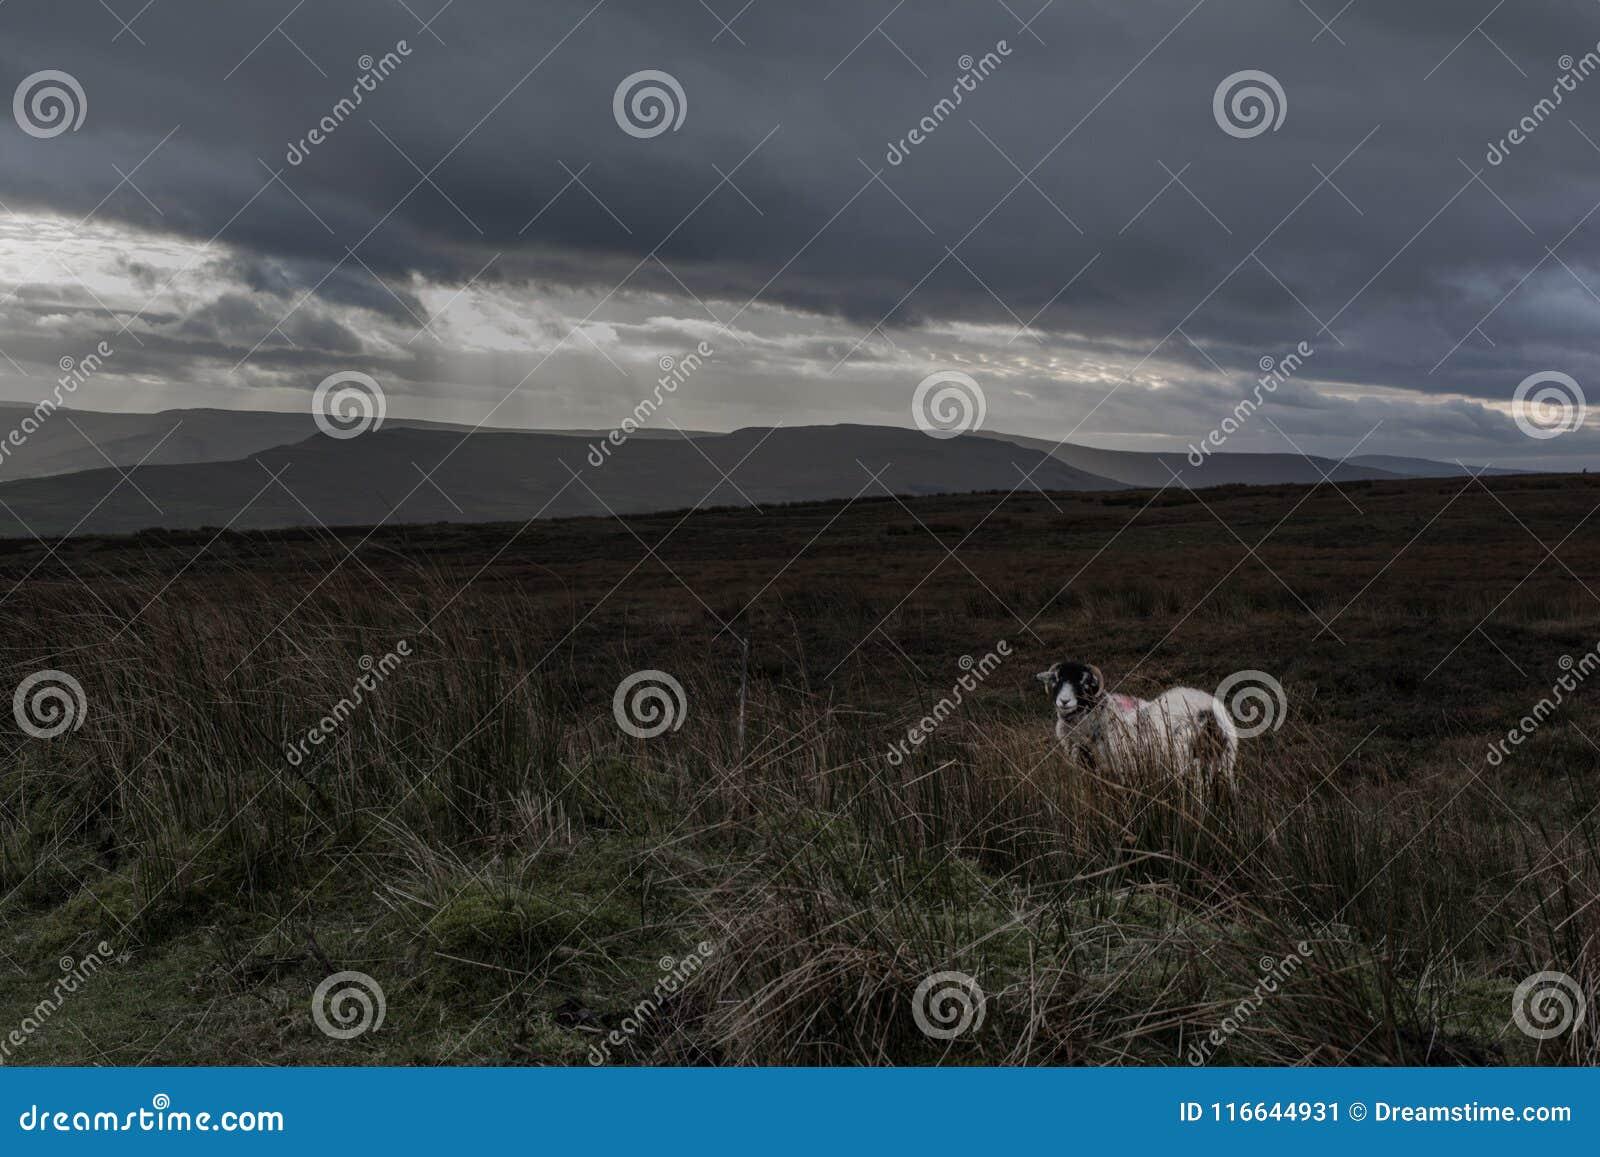 Ett ensligt får på en blek hed